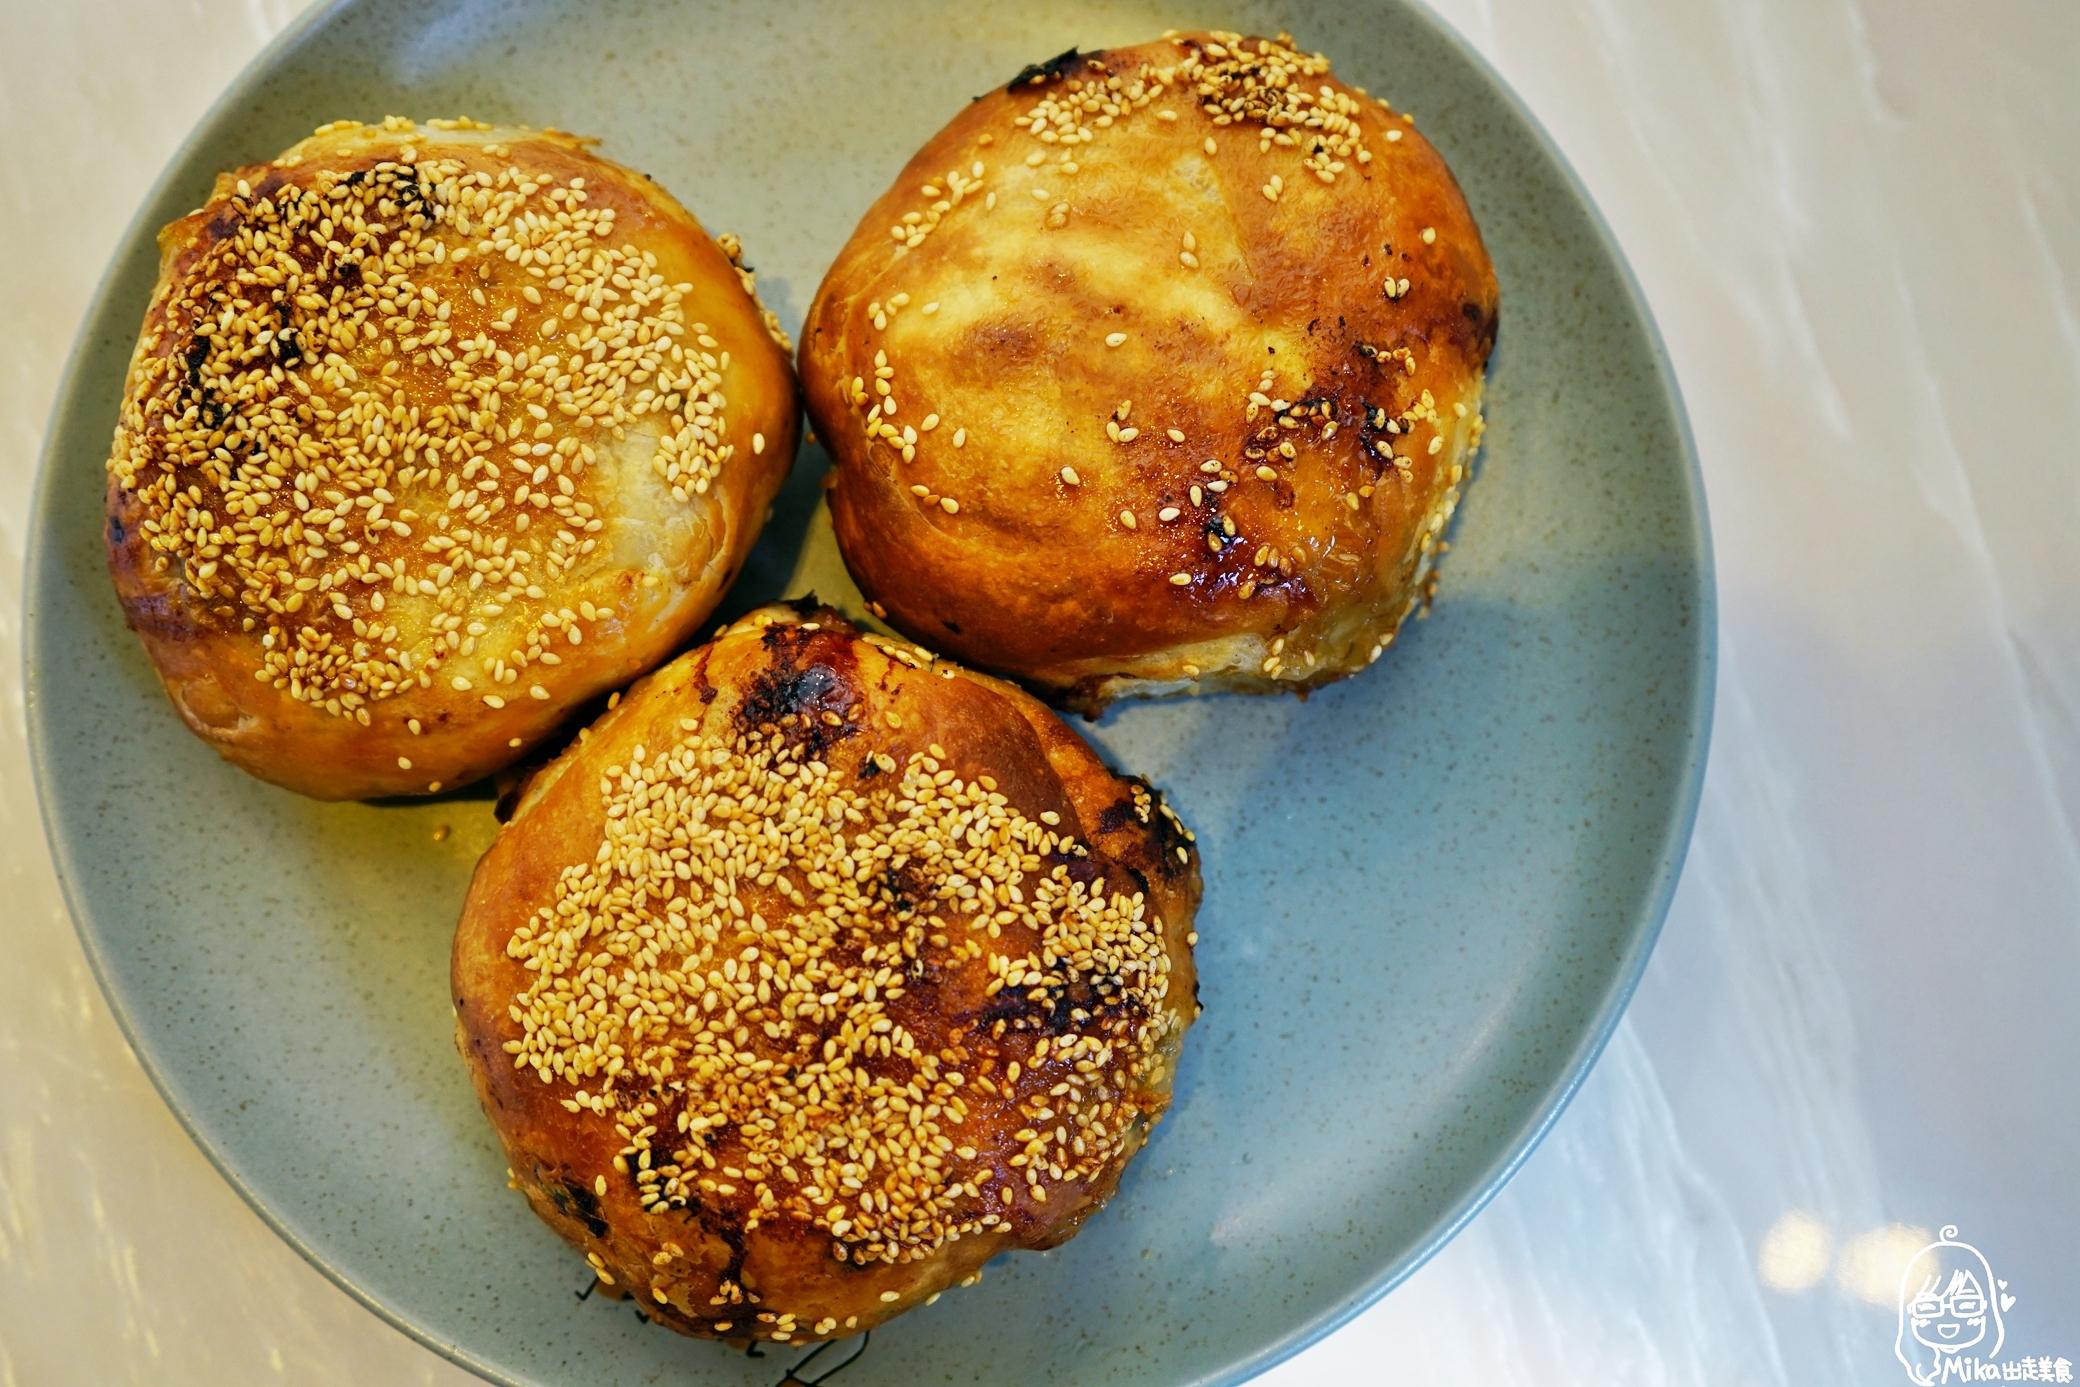 『懶人。料理』  氣炸胡椒餅 |芷要上菜 氣炸鍋料理超簡單 用義美蔥油餅做胡椒餅 方便好吃,懶人零失敗料理推薦。